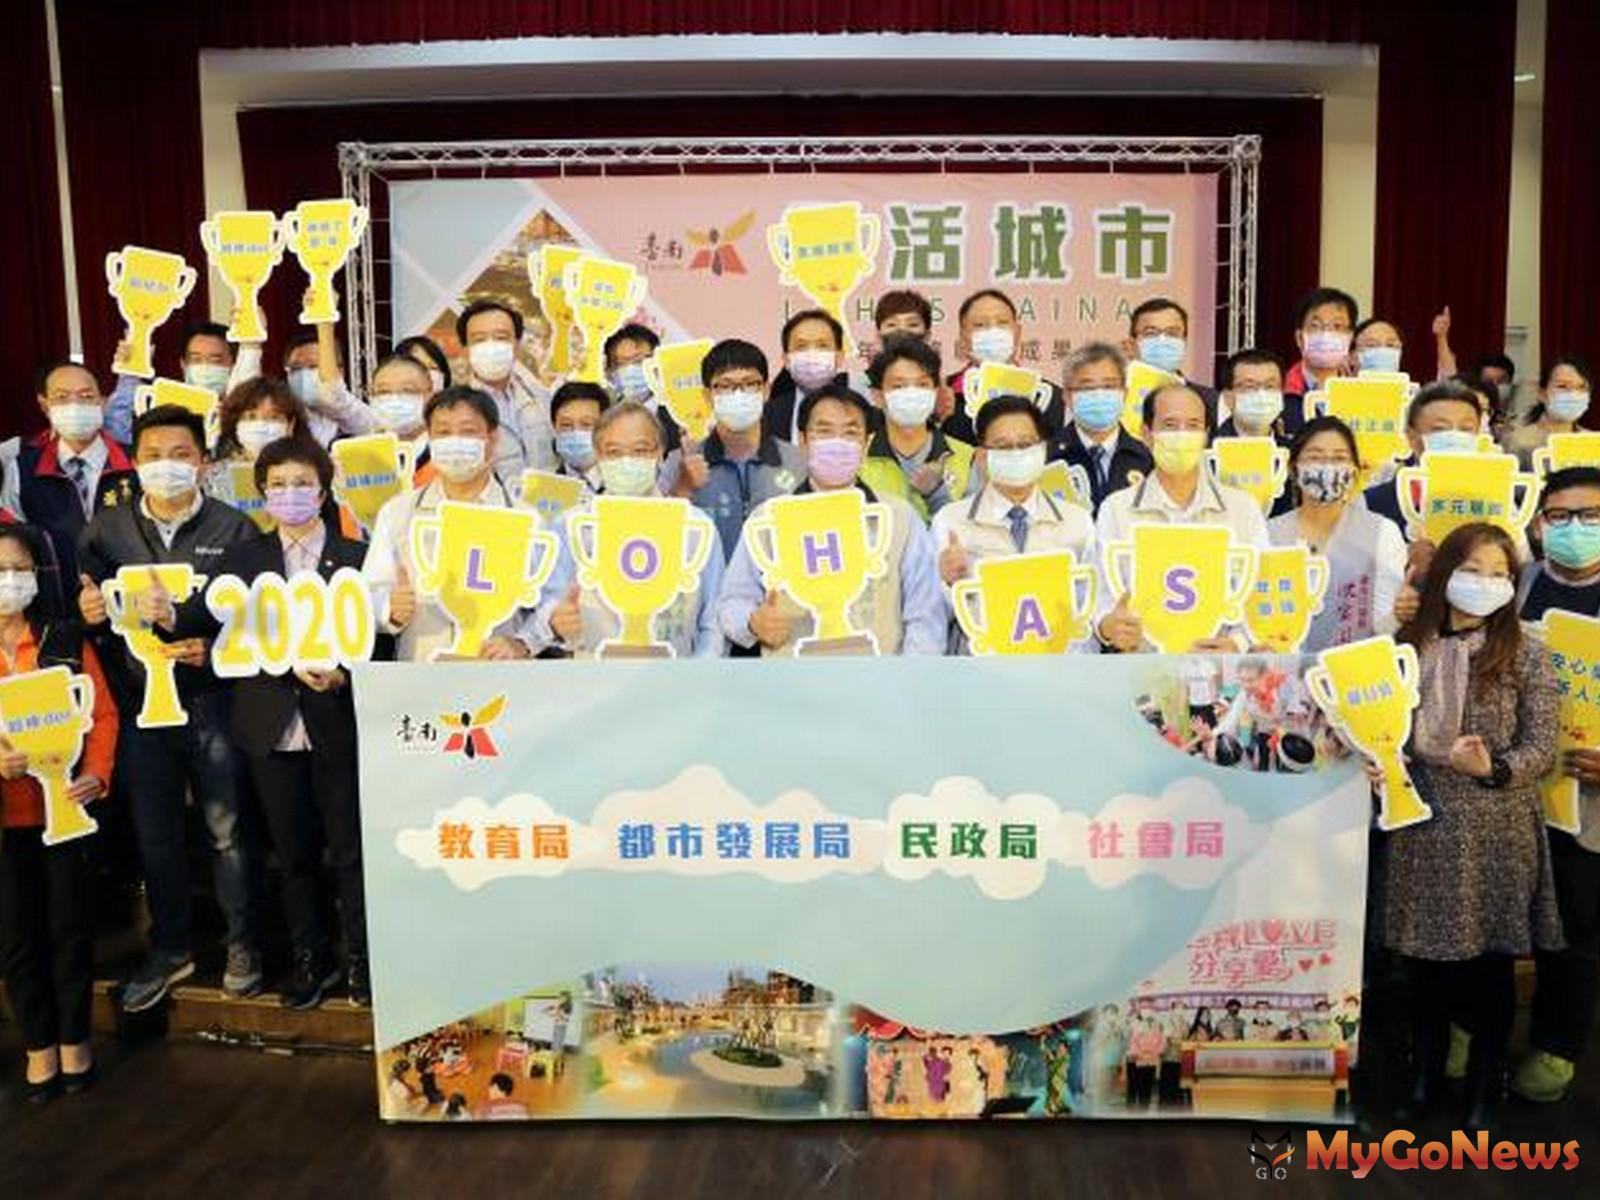 台南計劃興建2000戶青年公宅,爭取18億修建校舍更安全(圖/台南市政府) MyGoNews房地產新聞 區域情報